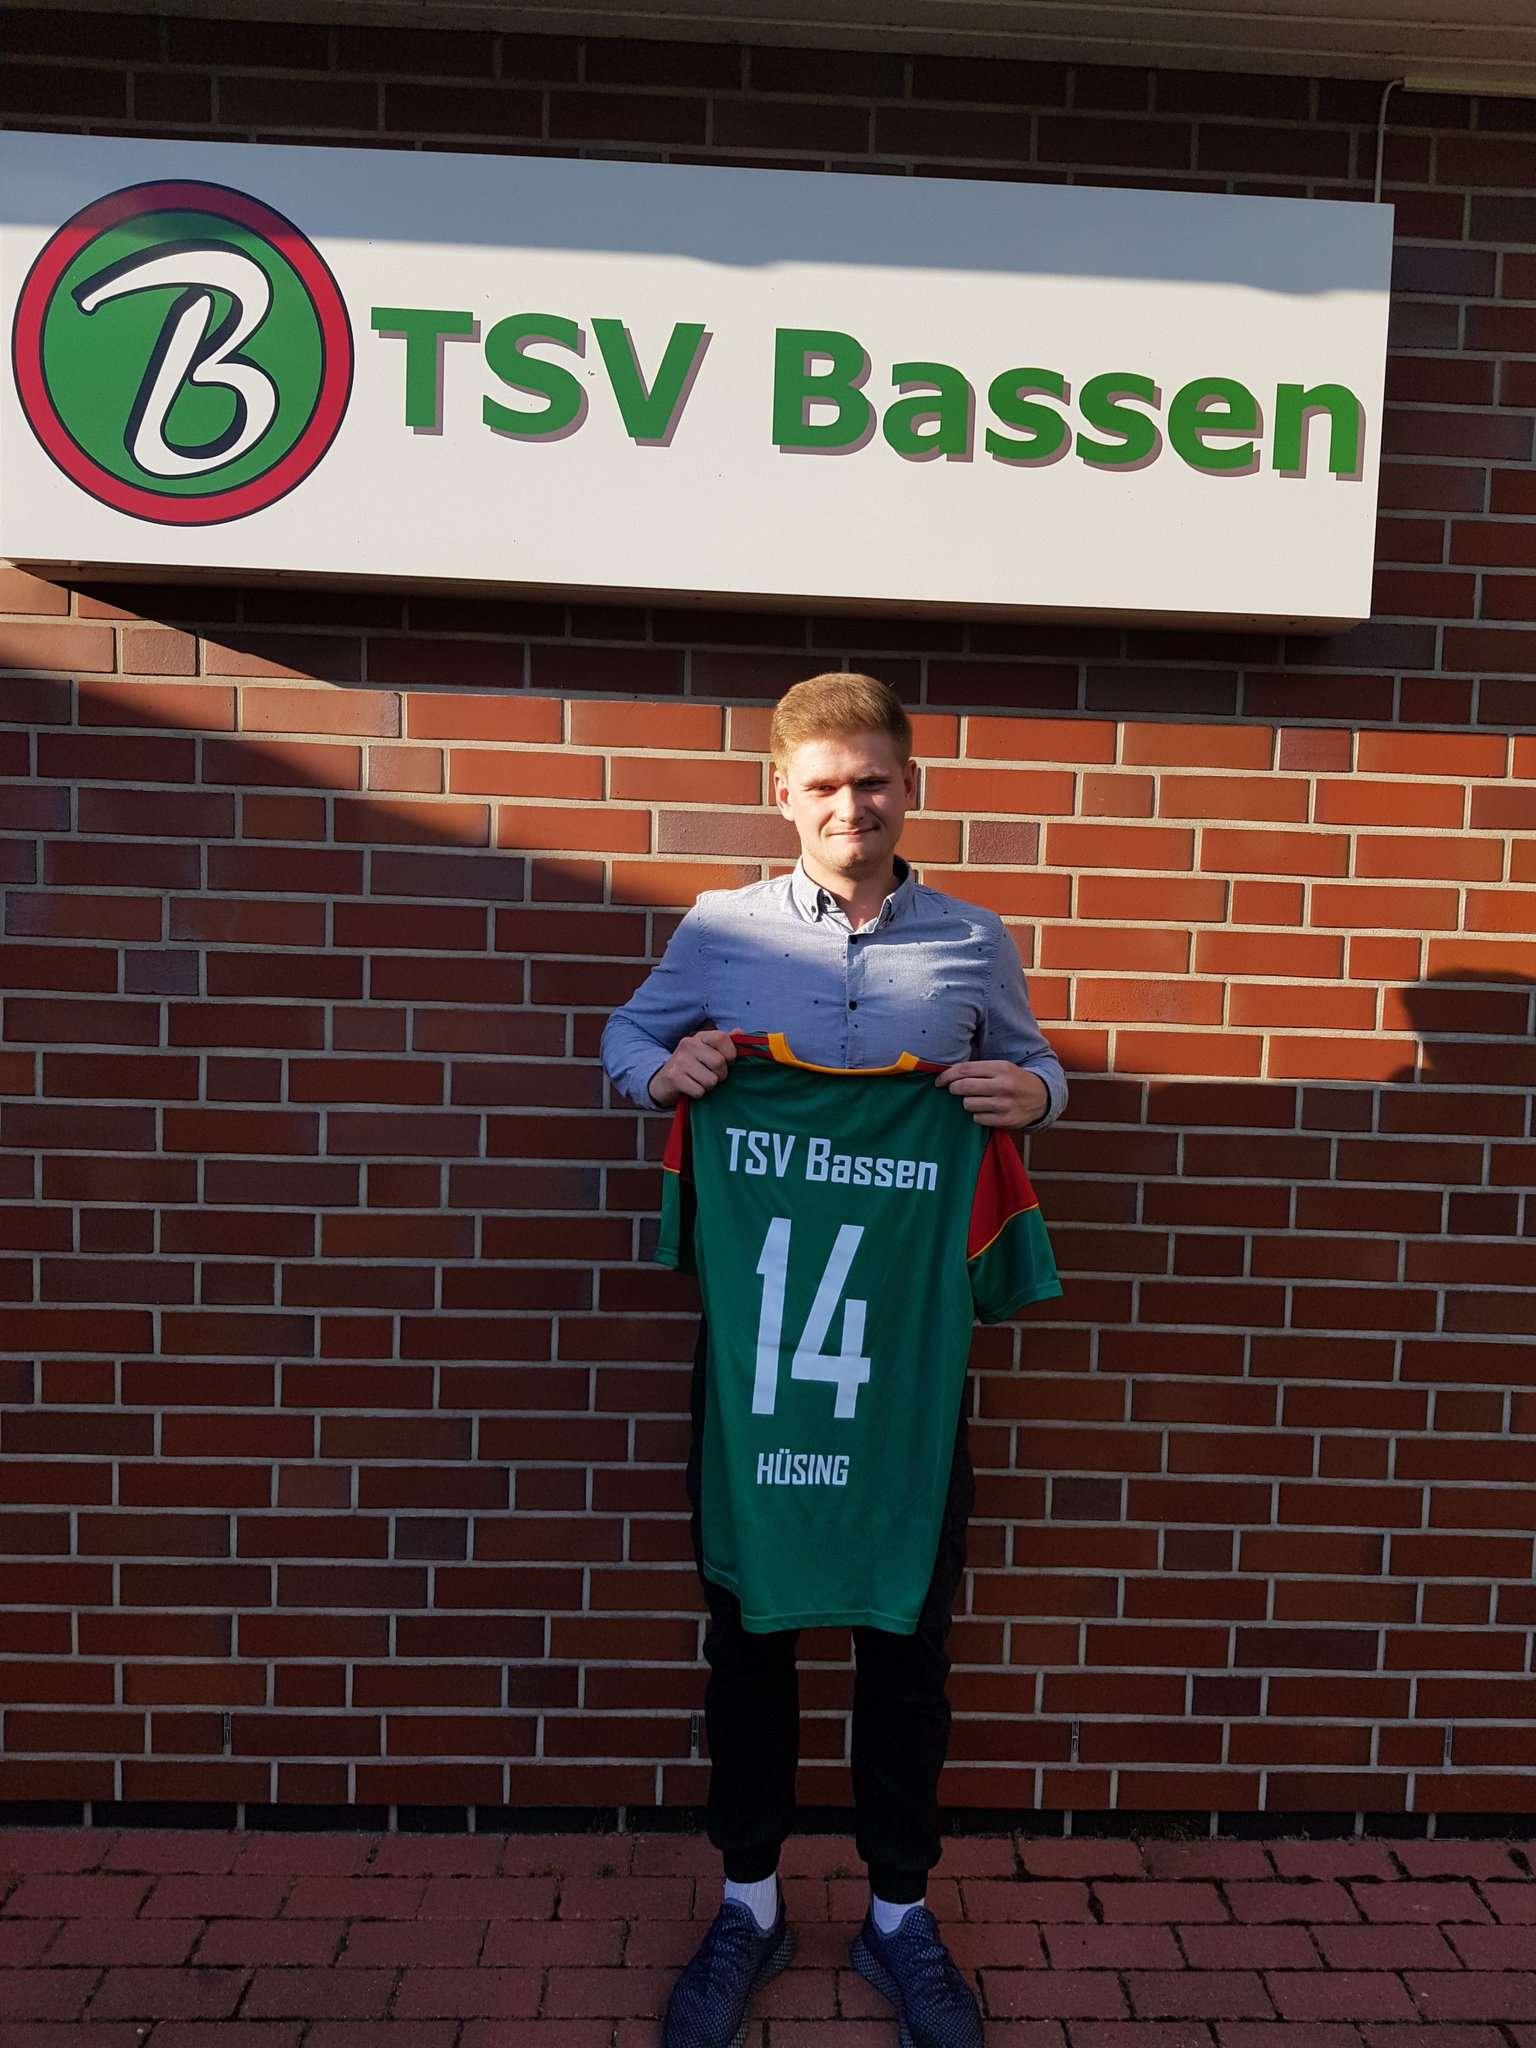 Marvin Hüsing wechselt zum TSV Bassen und wird dort die Erste Herren verstärken.